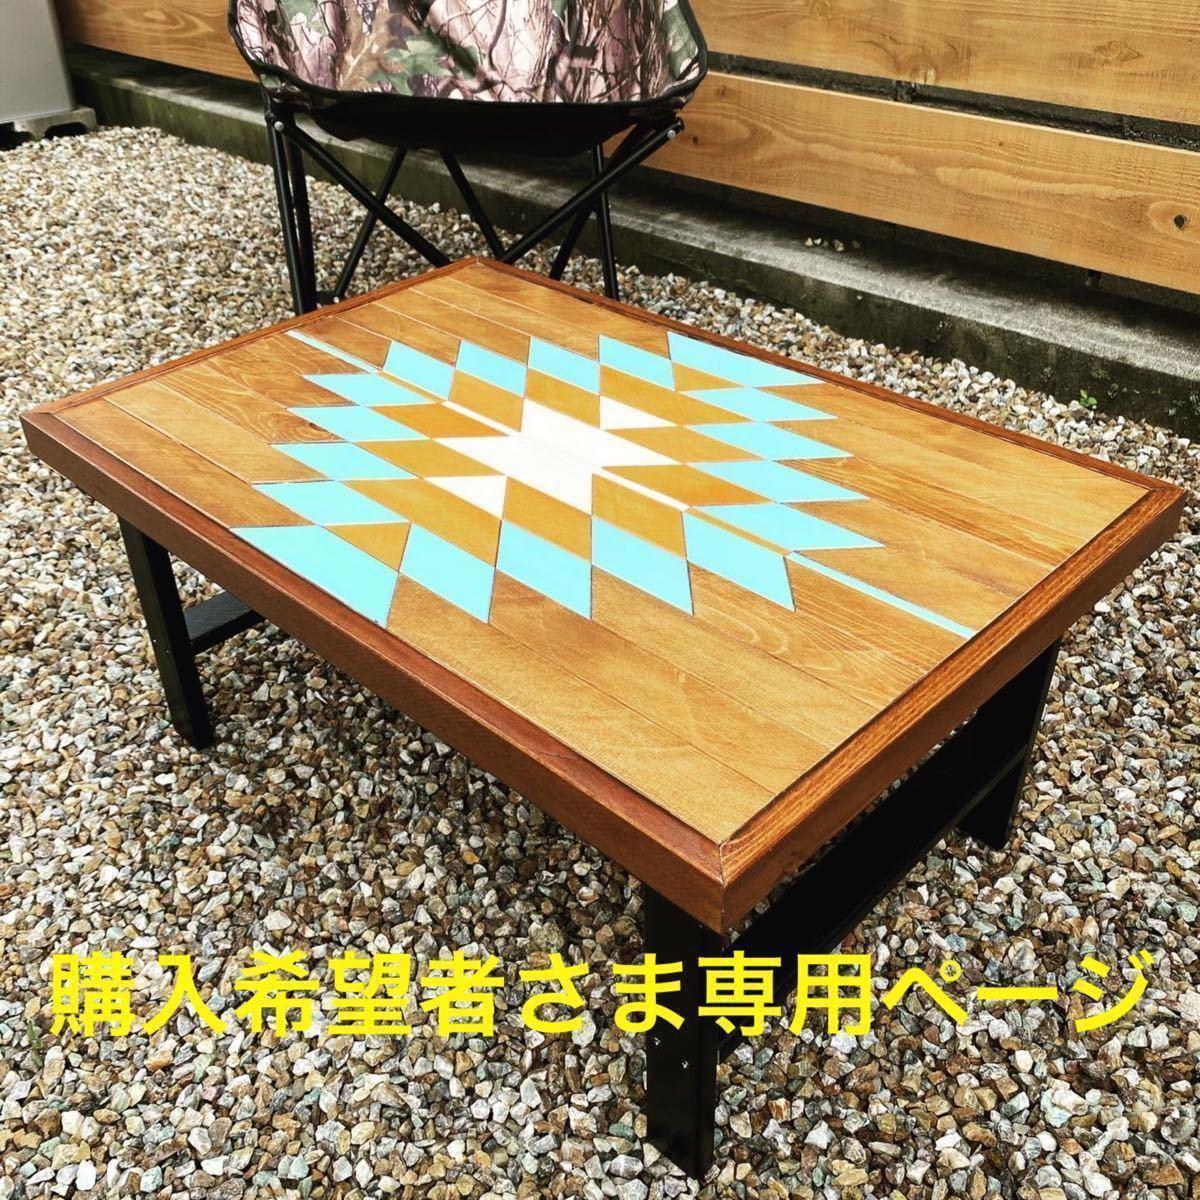 オルテガ柄 アウトドアテーブル